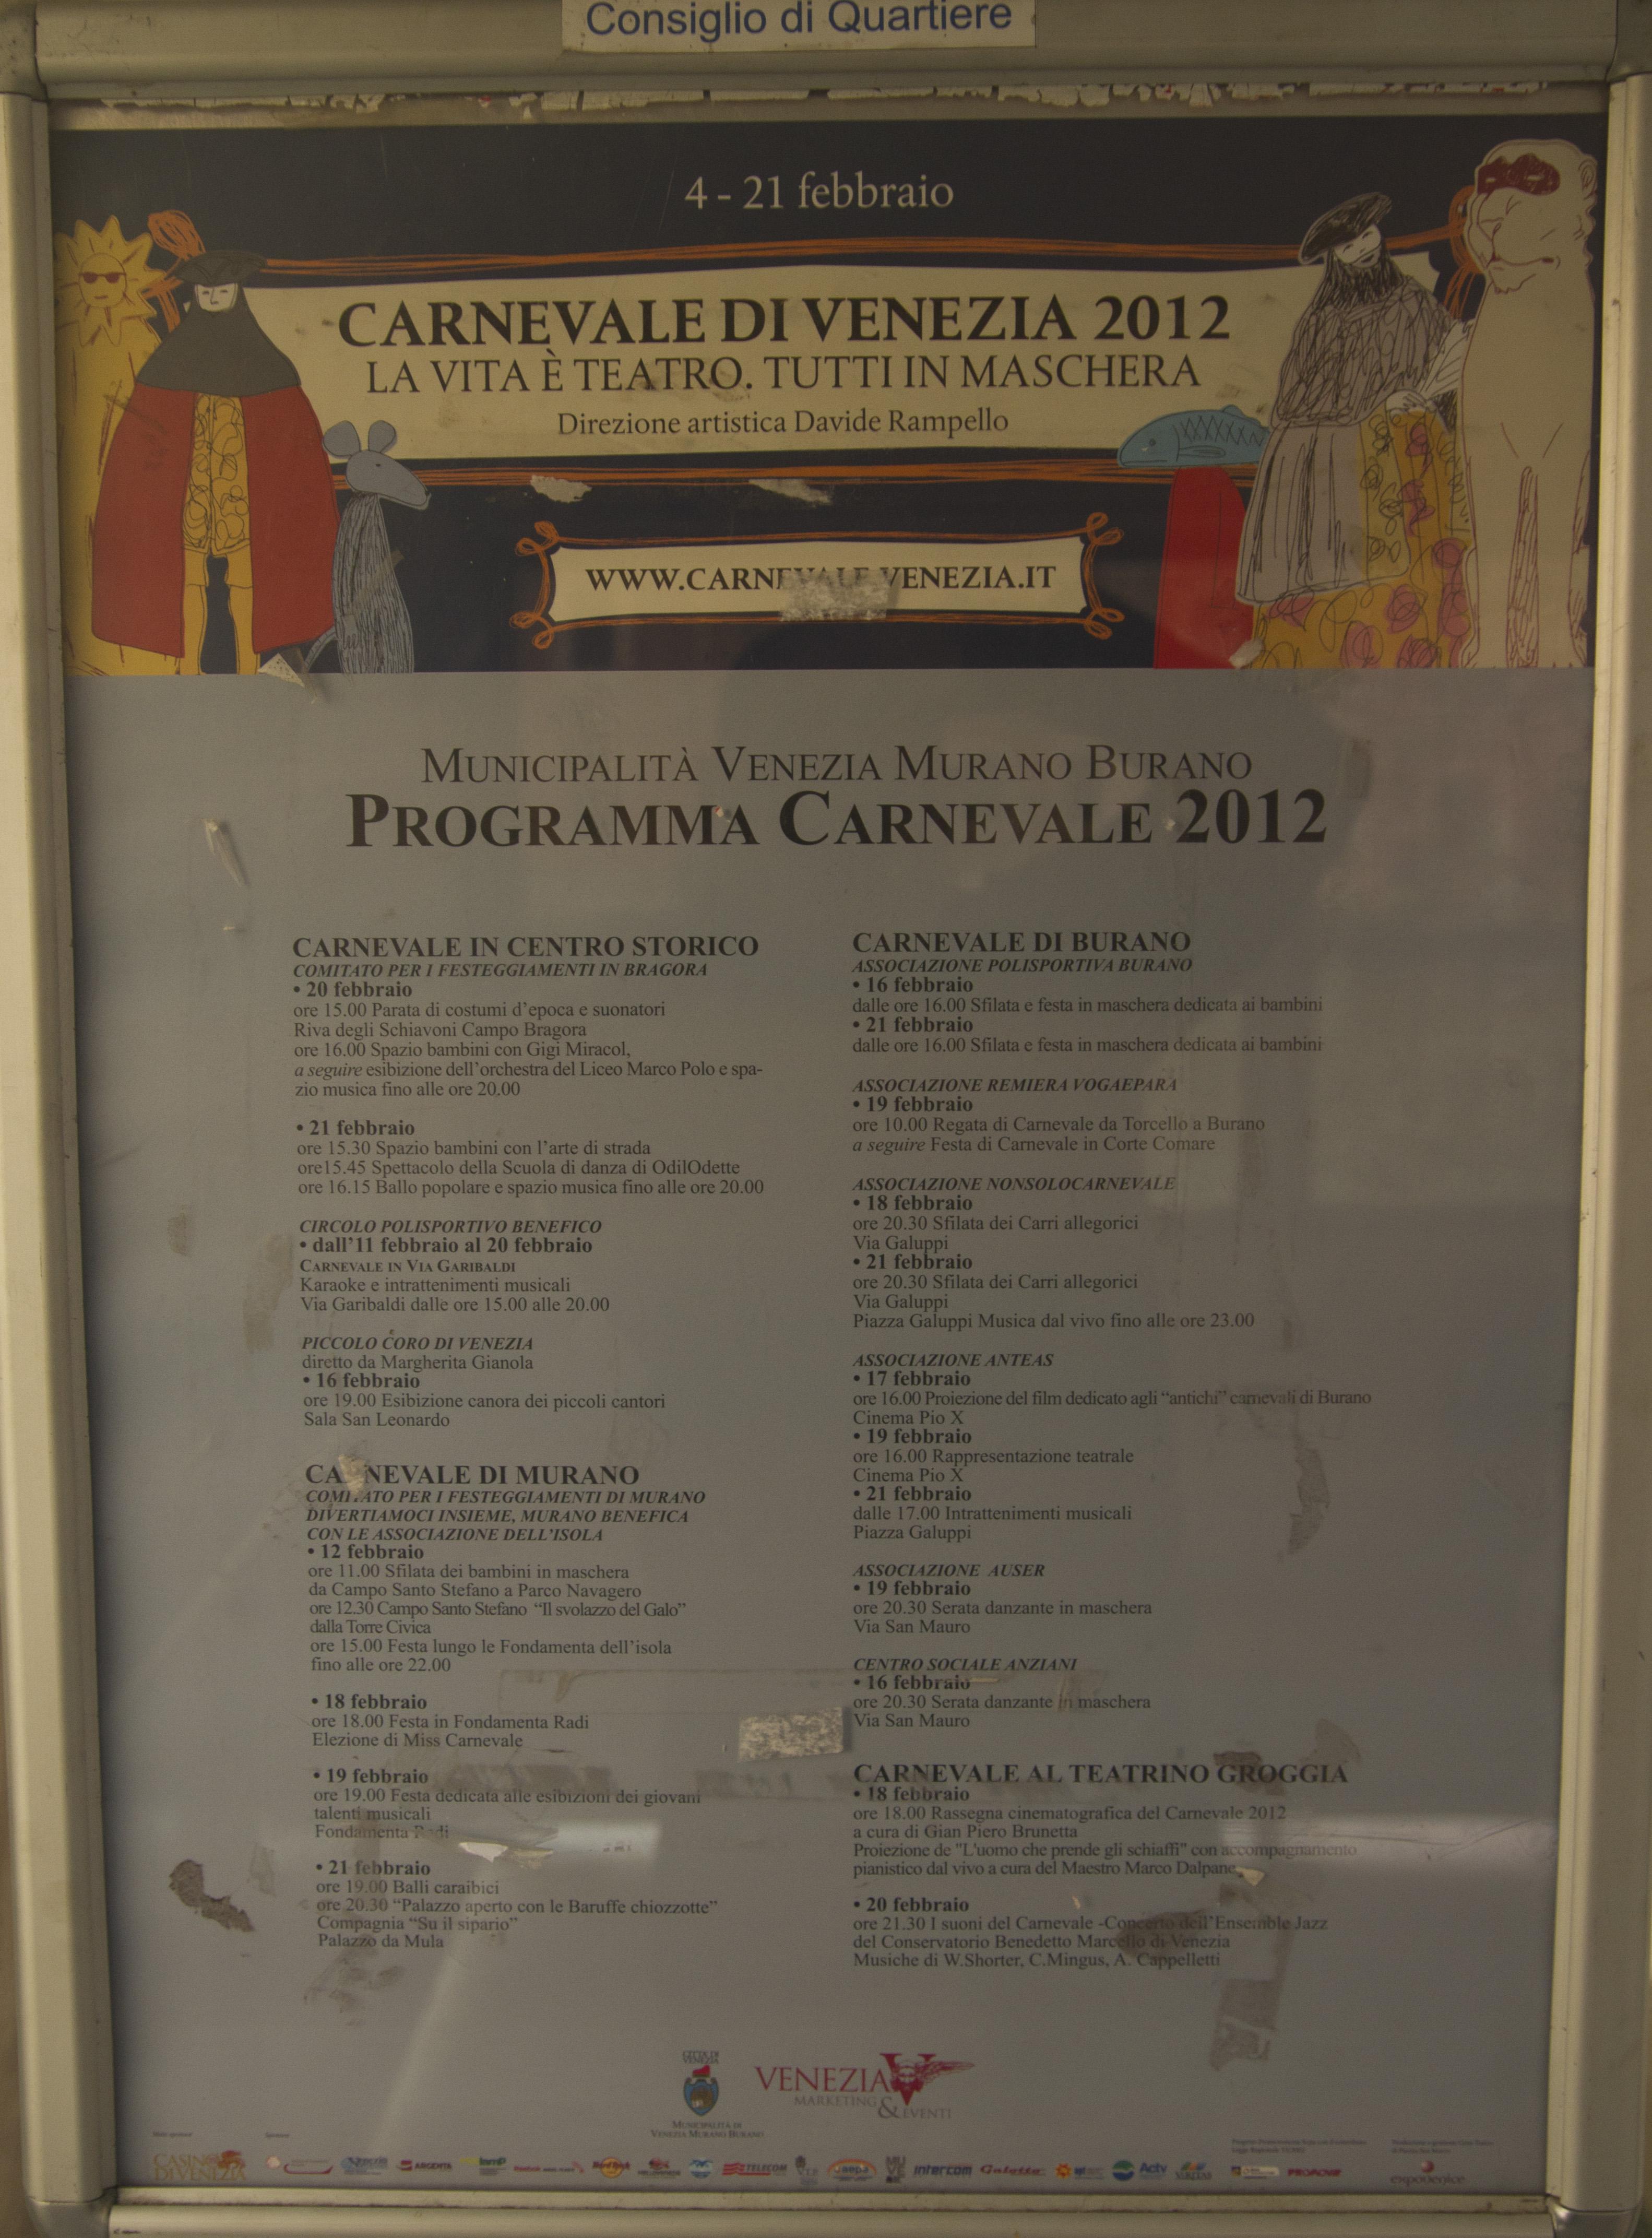 Programa de actividades del carnaval de Venecia 2012